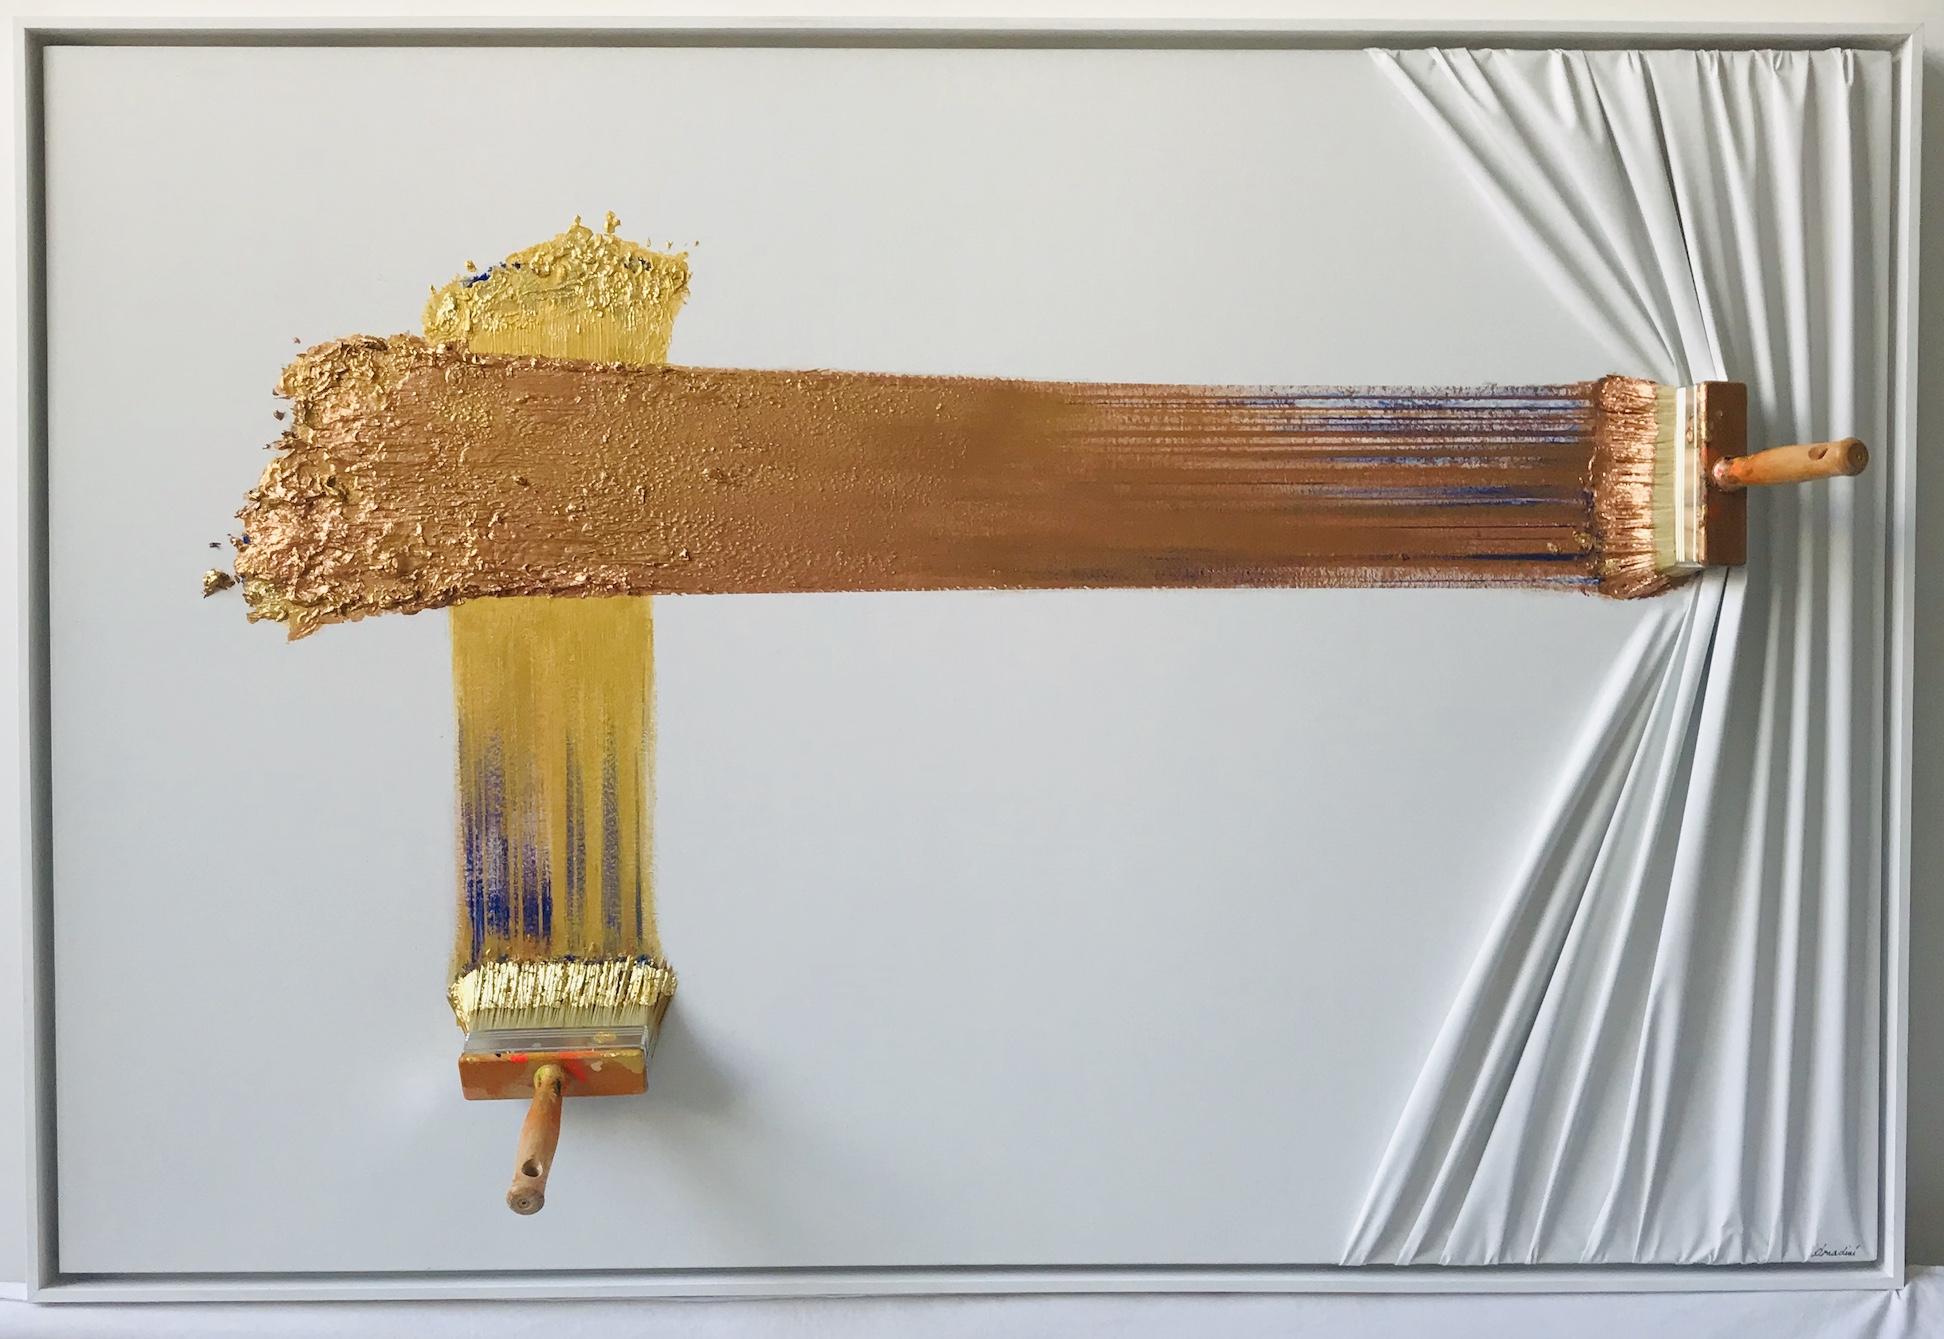 Brosses arrêtées Gold by Jean-Paul Donadini (5)